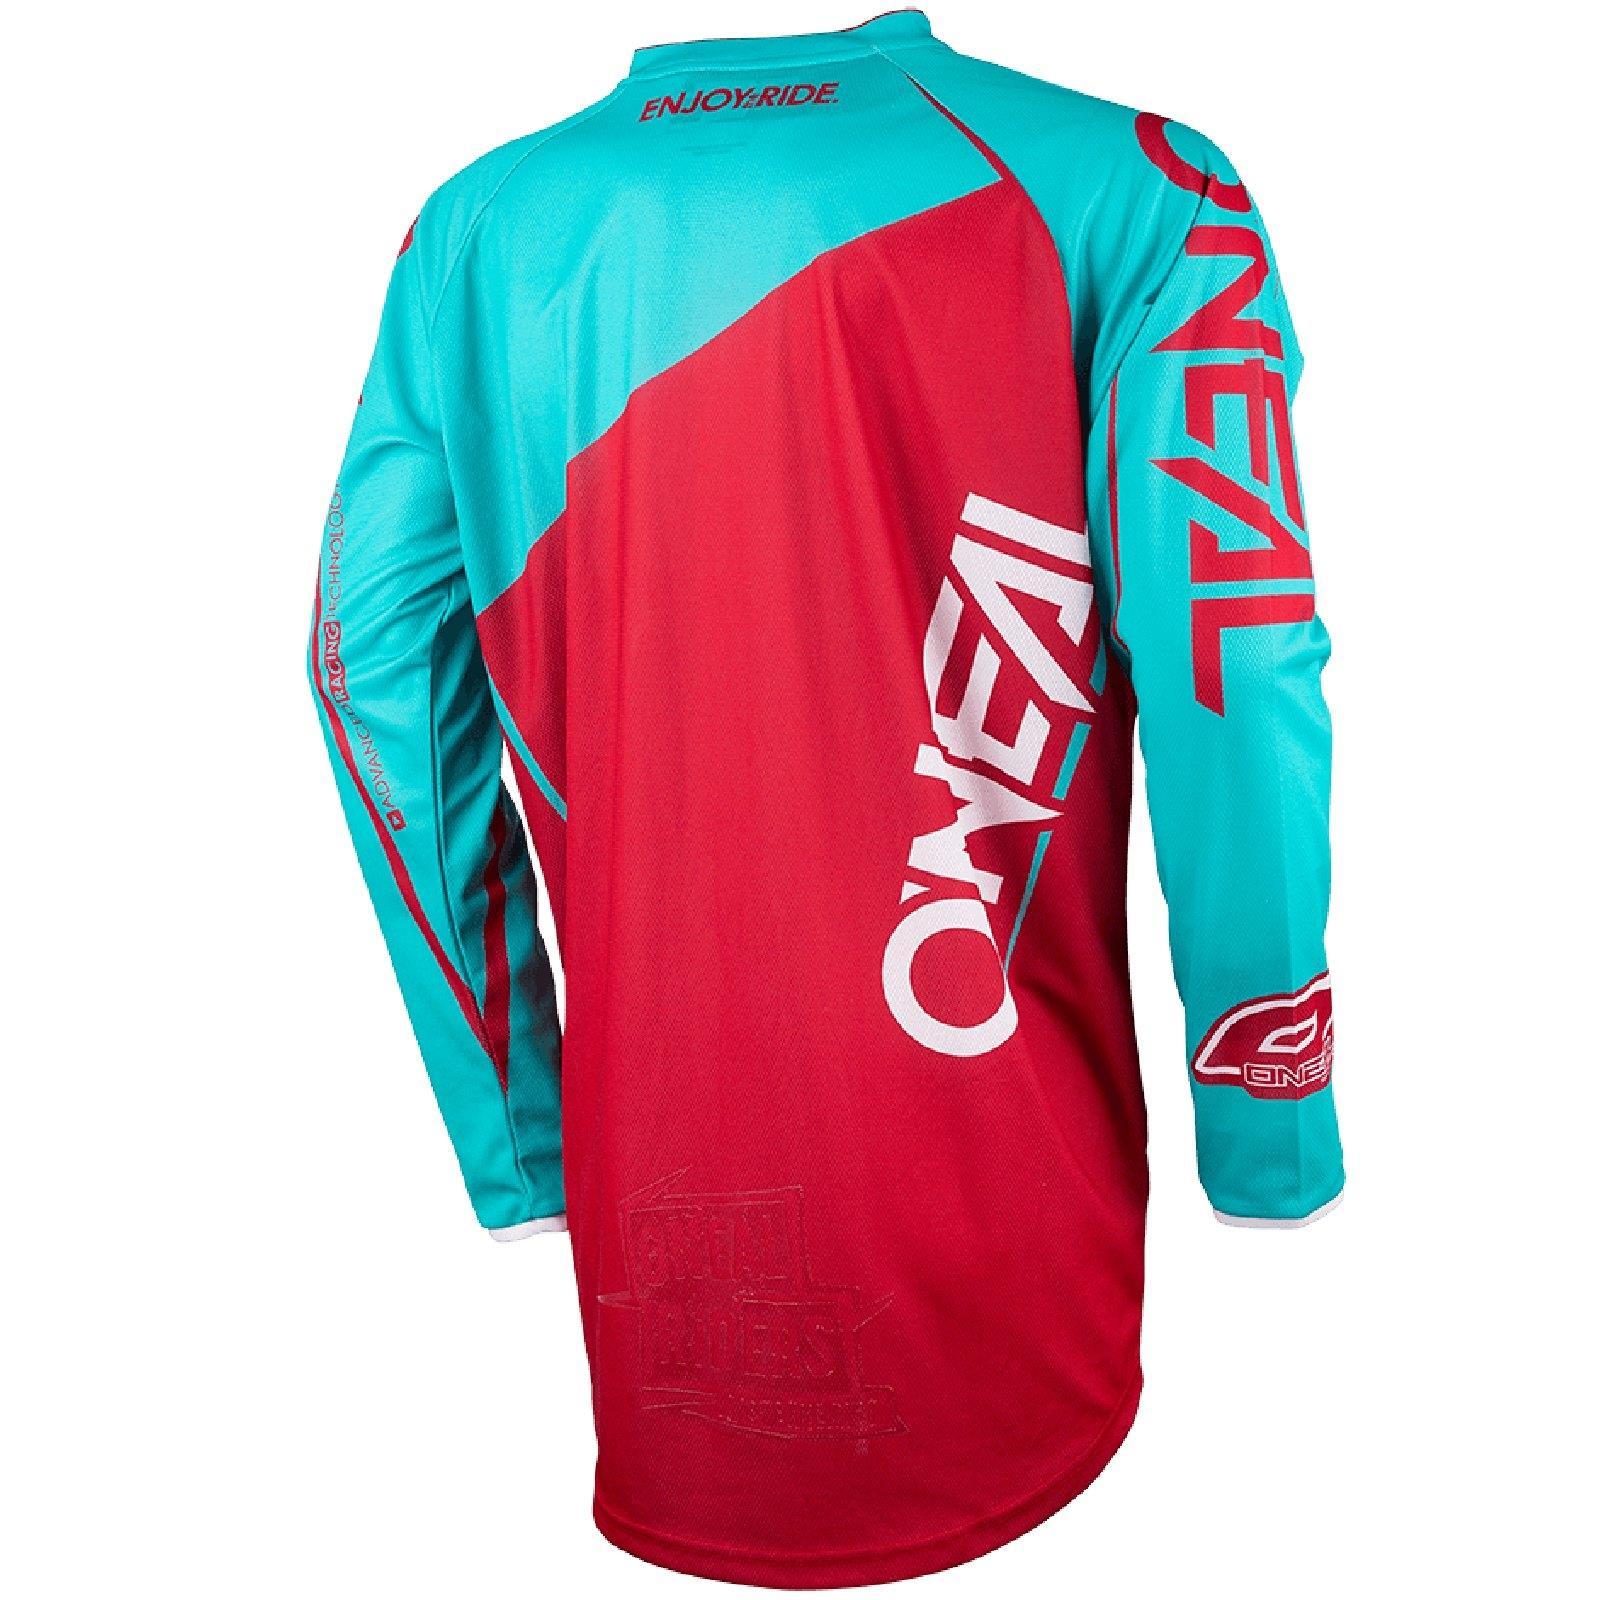 O-039-neal-Mayhem-Lite-Jersey-pantalones-combo-bloqueador-motocross-MX-quad-todoterreno-MTB-DH miniatura 19